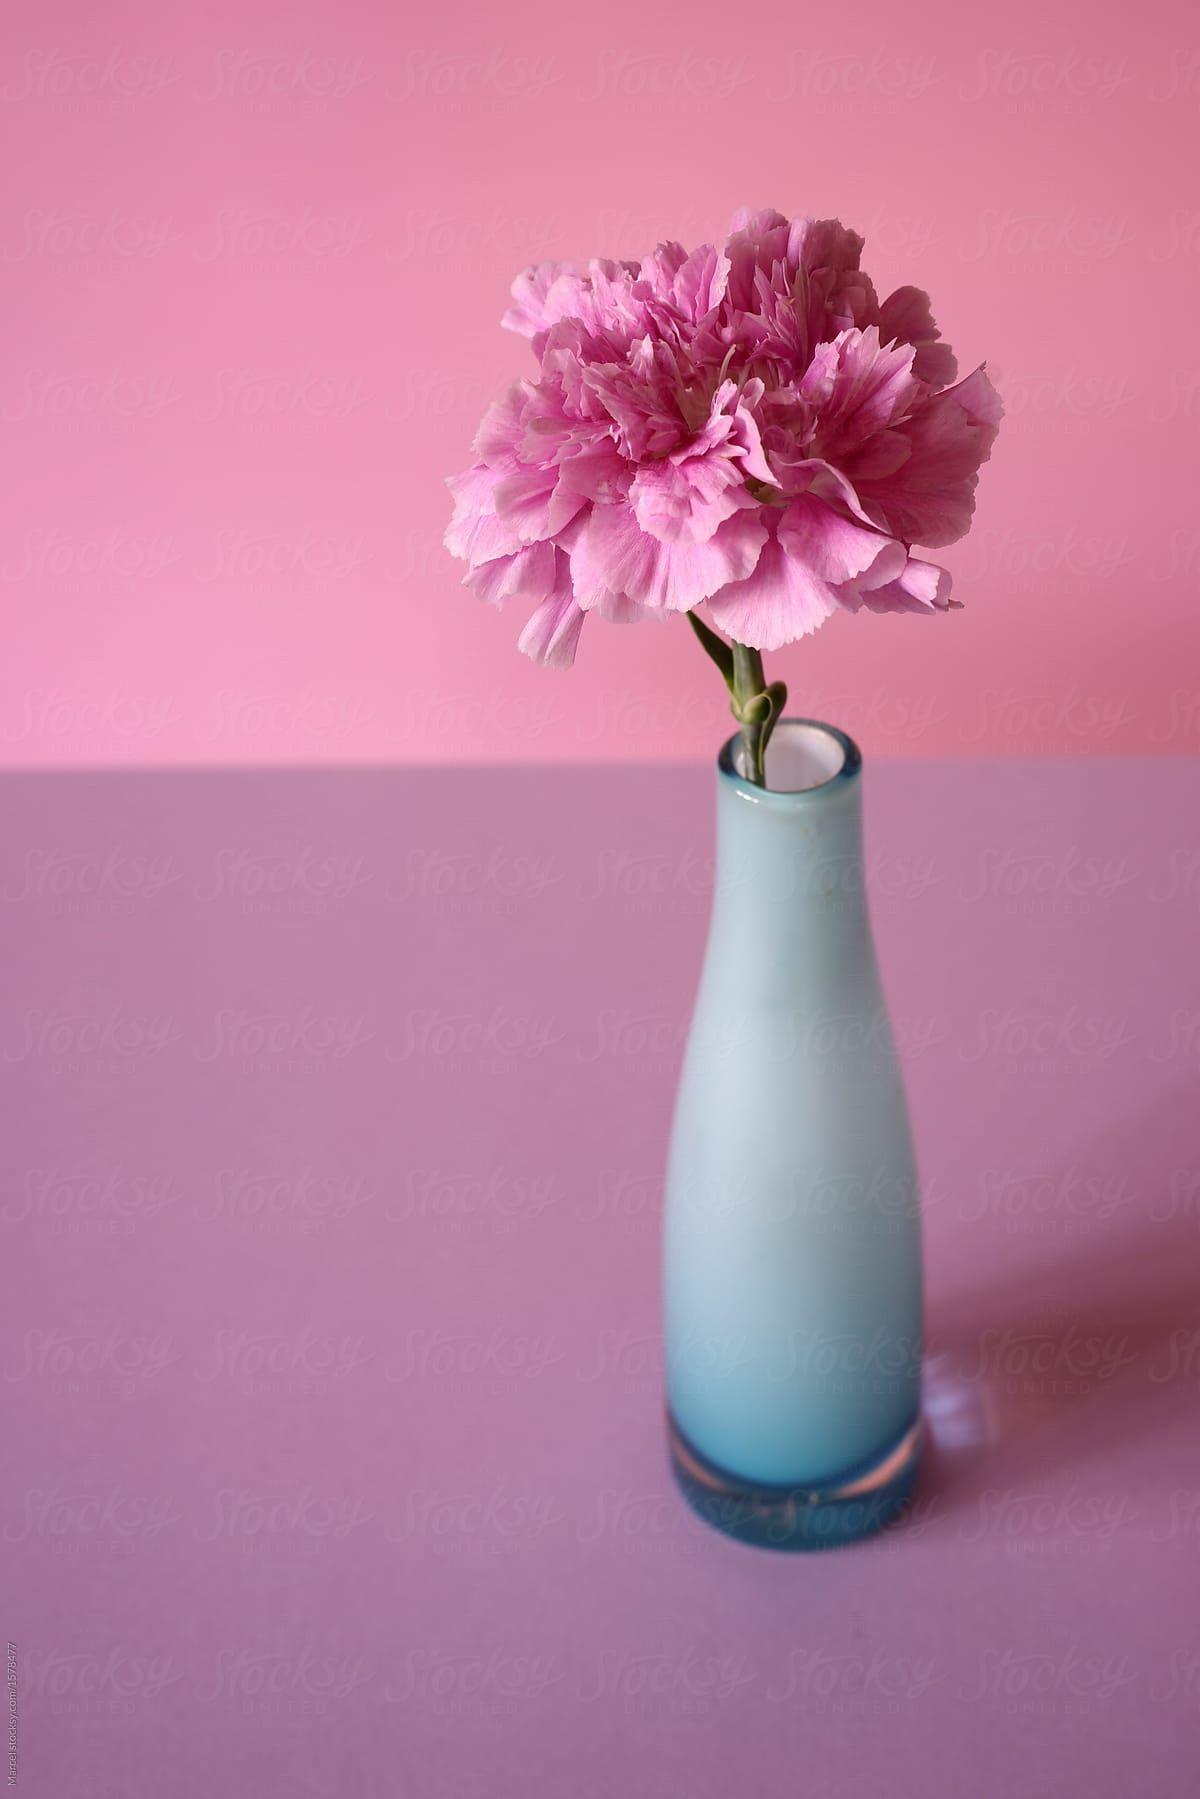 Pink Carnation In Blue Vase By Marcel Flower Vase Stocksy United In 2020 Pink Carnations Blue Vase Carnations